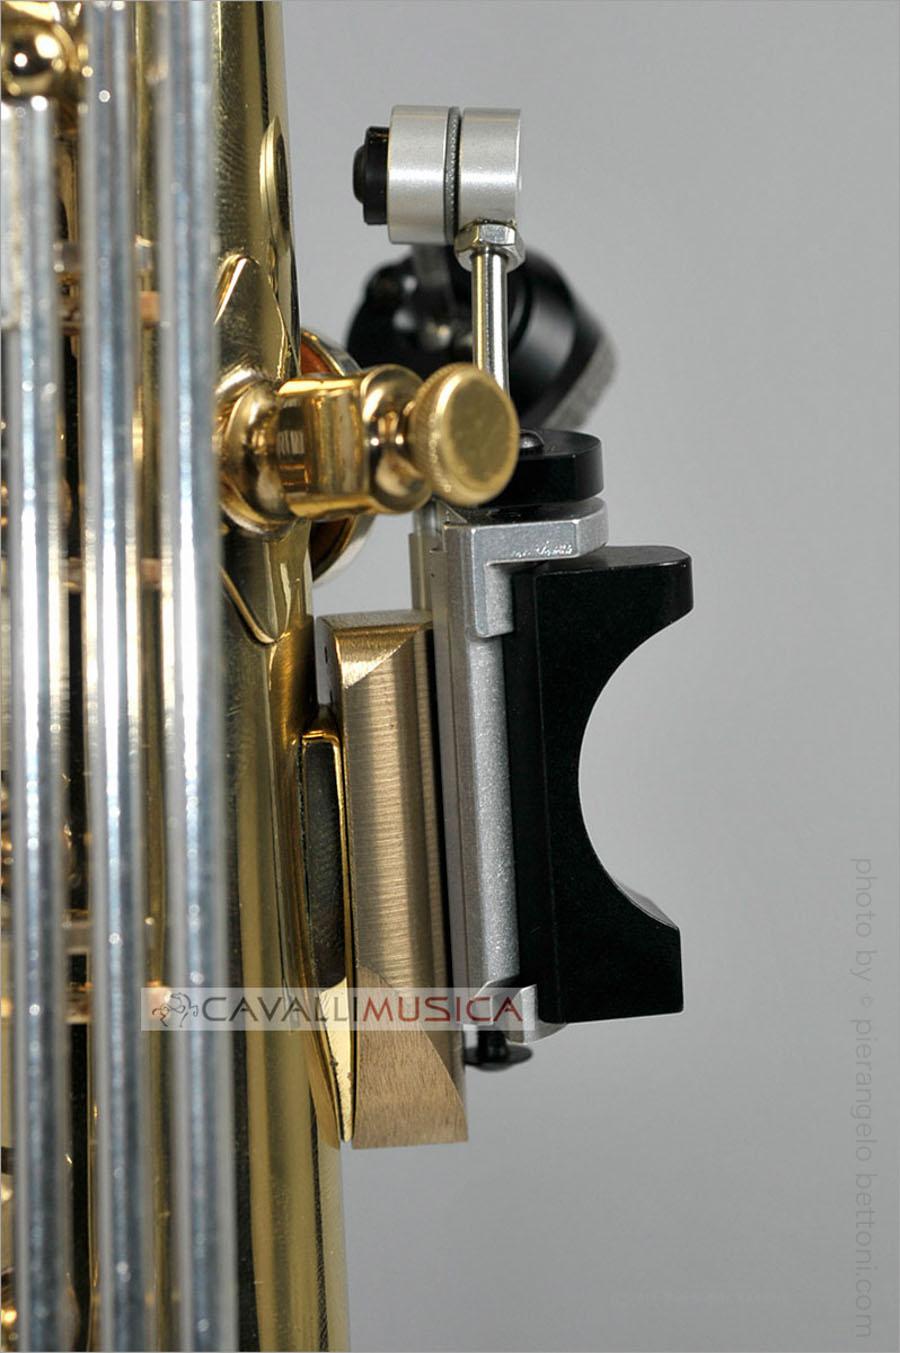 Fiati riparazione - Cavallimusica  invenzioniX_DTR9435-10-copia